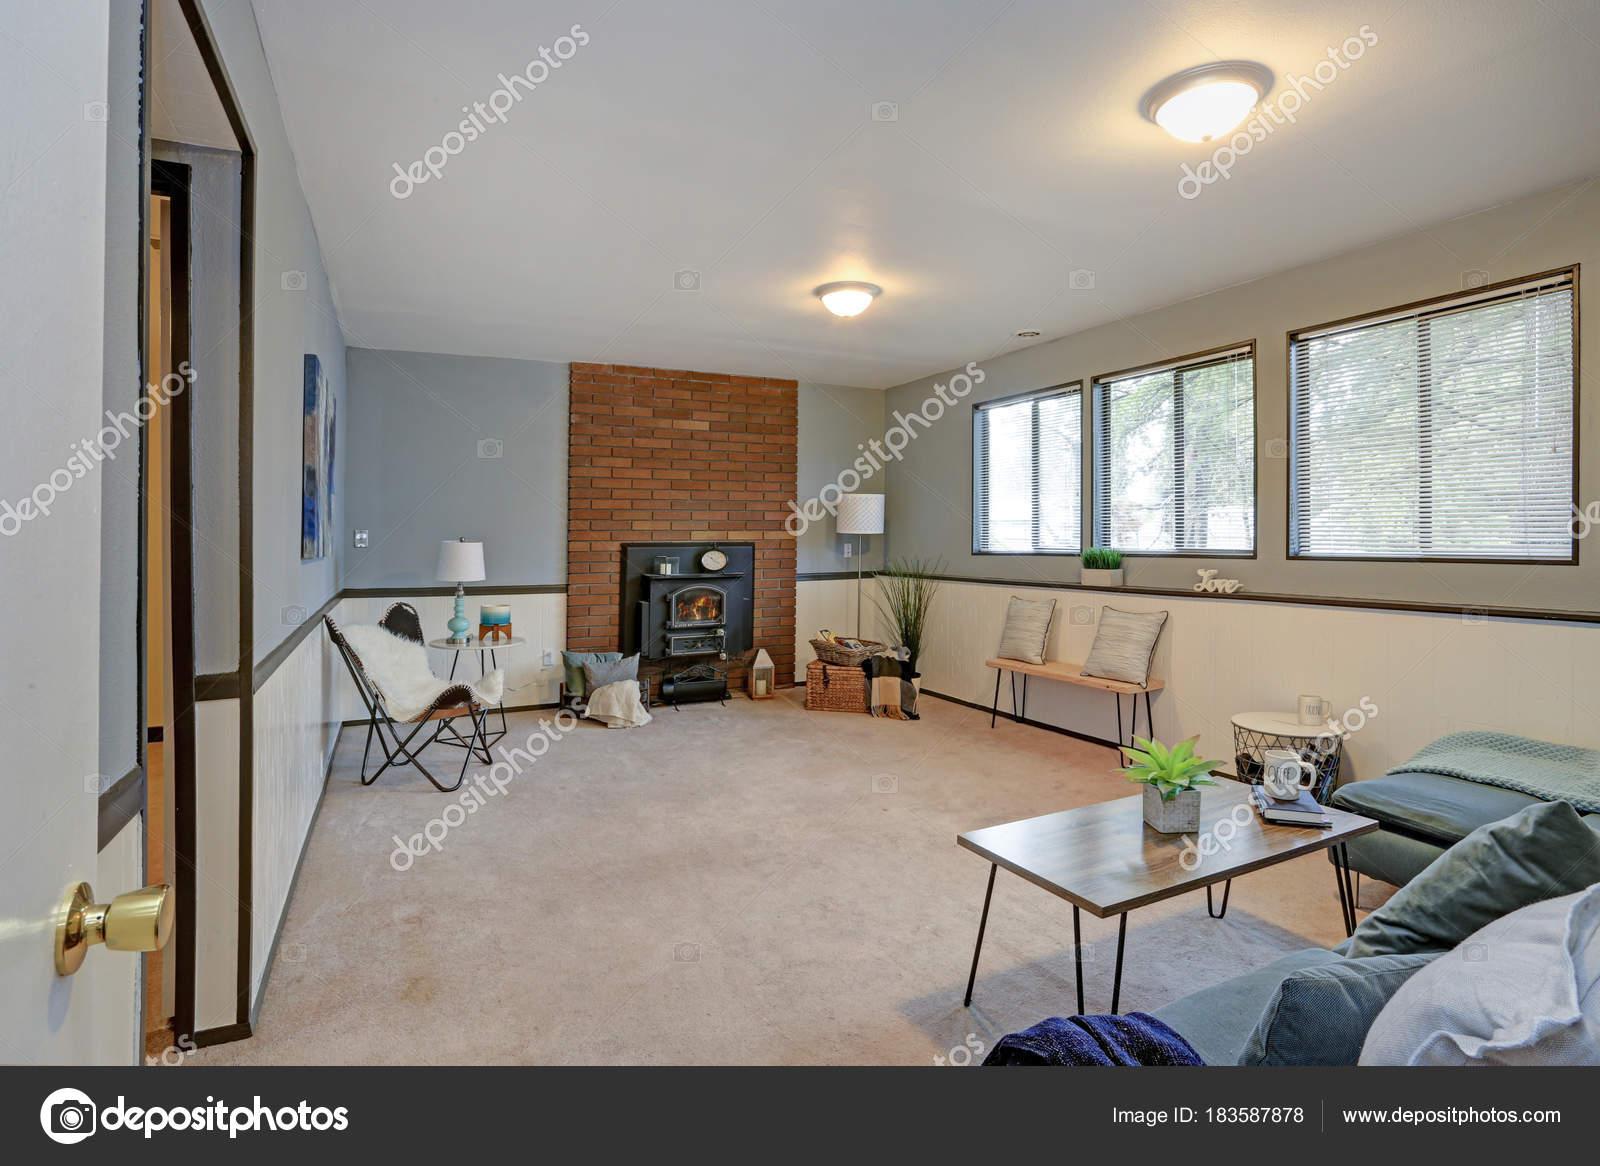 Gemütliche Familienzimmer mit blauen Wänden und Vertäfelung ...